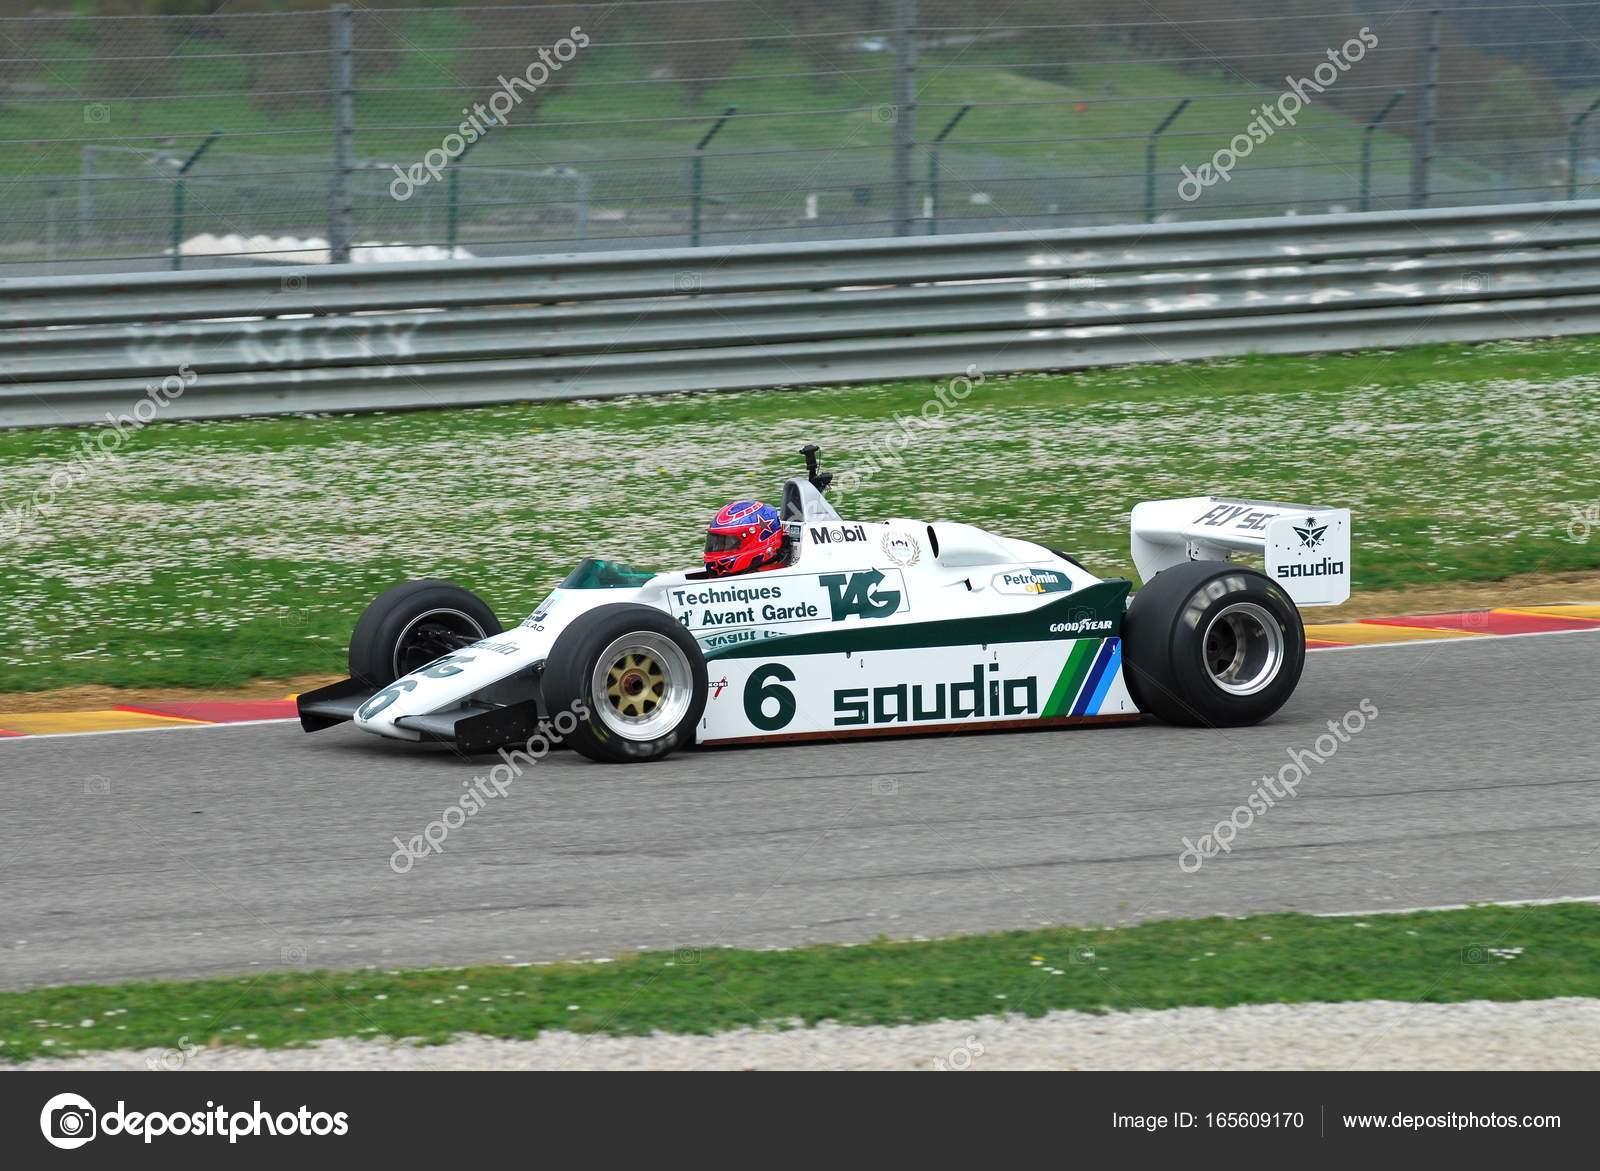 Circuito Del Mugello : Circuito del mugello 1° aprile 2007: unknown eseguire il classico f1